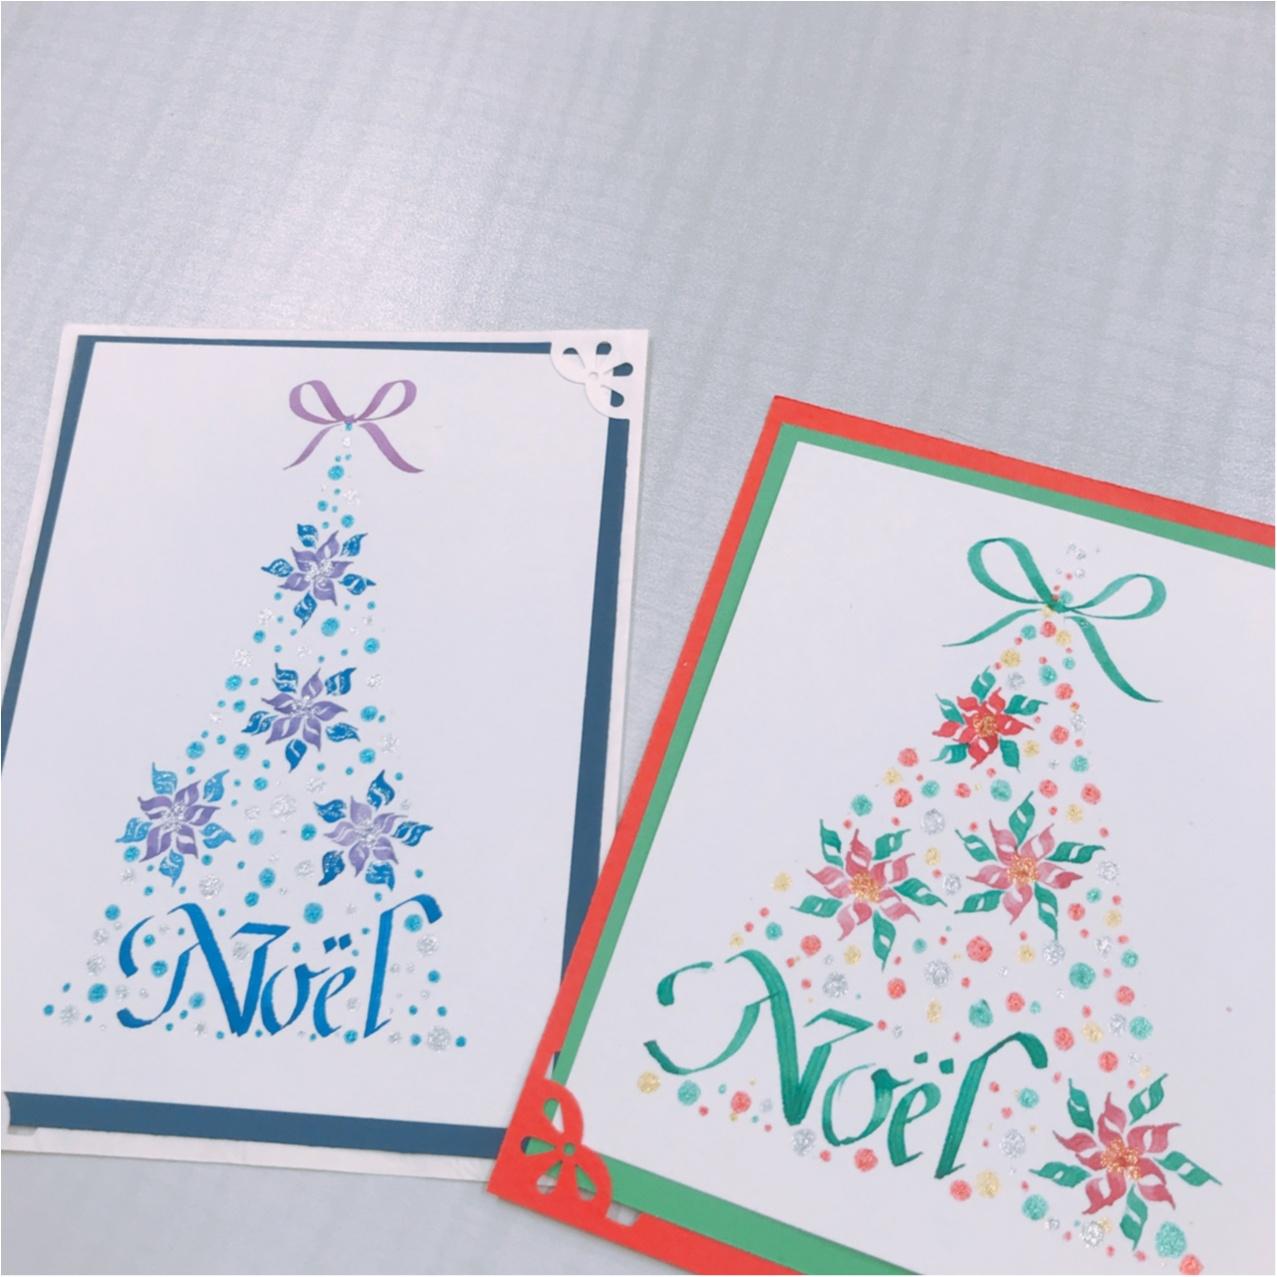 【大人の習い事】カリグラフィー教室2回目!クリスマスカードを作りました♡_5